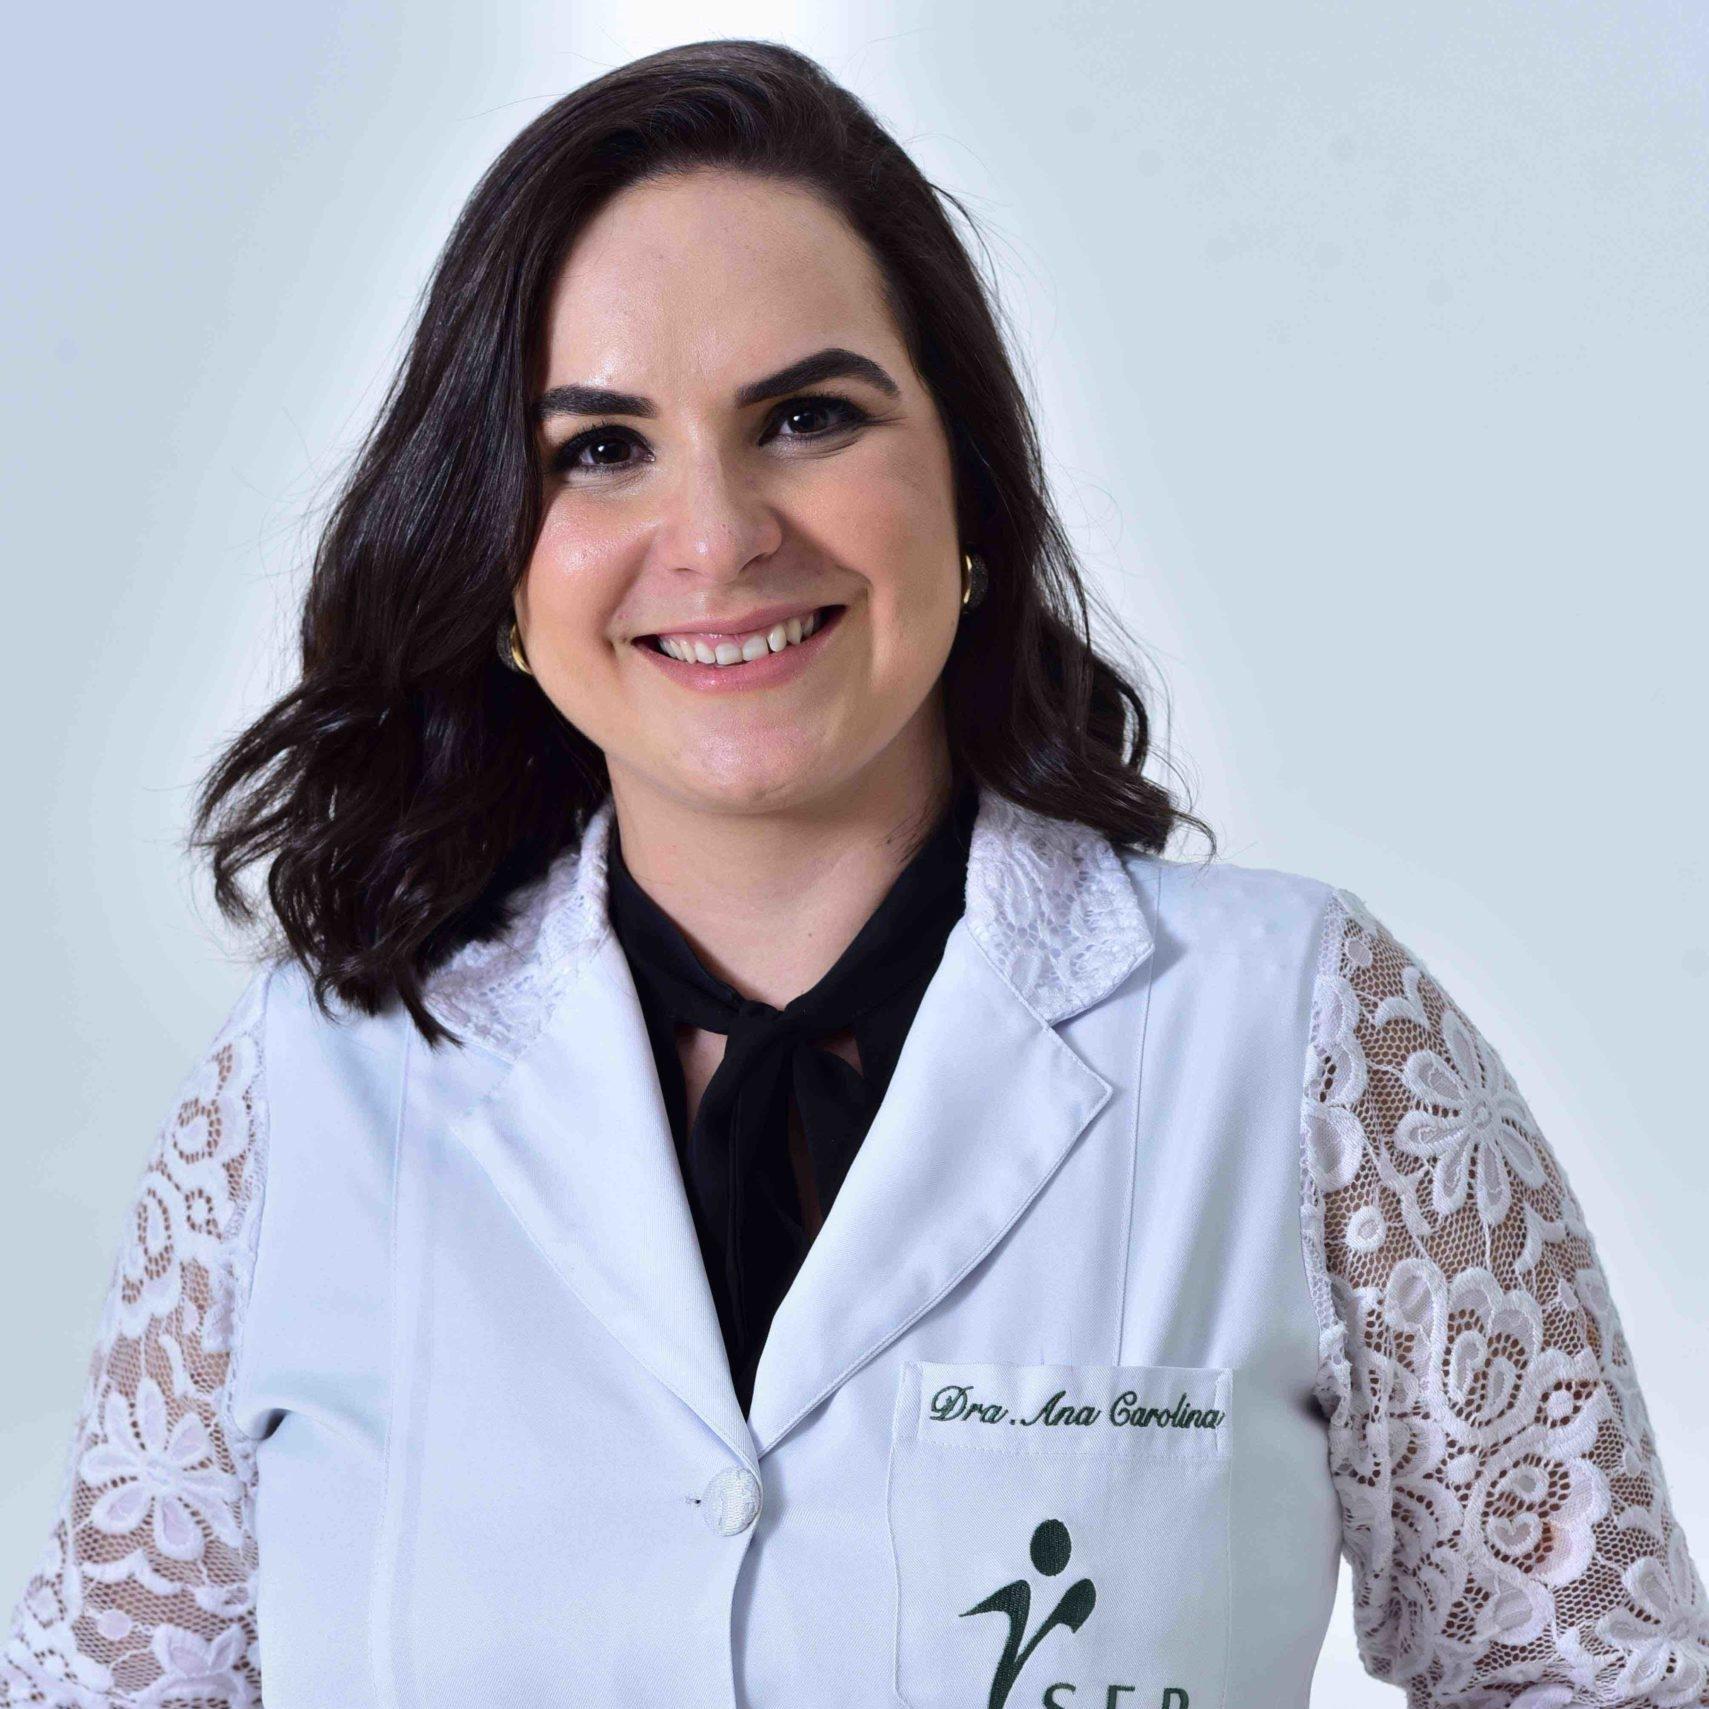 Ana Carolina Franco Passos Cardes